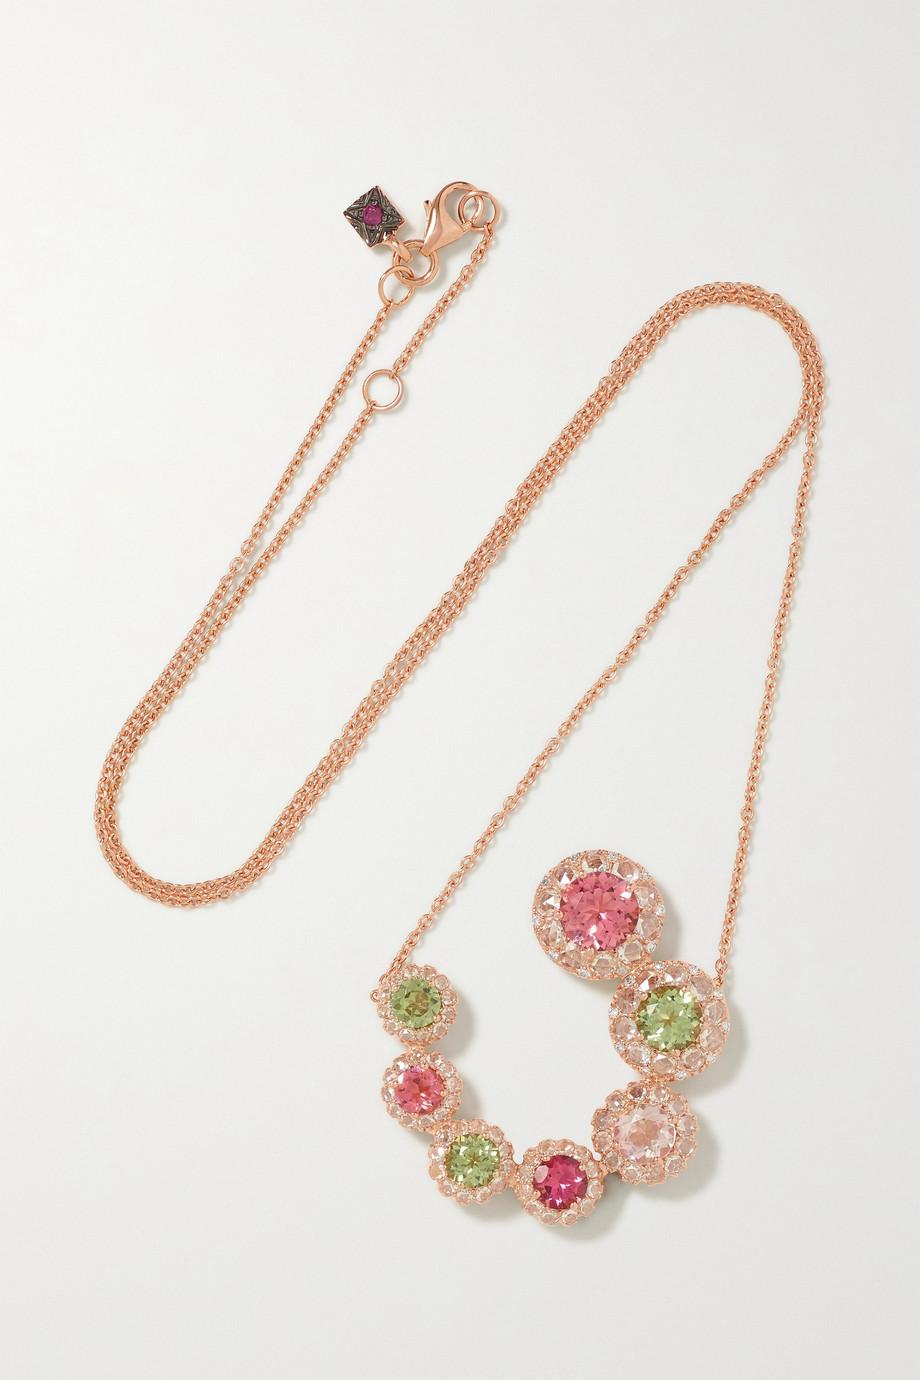 Selim Mouzannar Collier en or rose 18 carats, tourmalines et diamants Beirut Circle